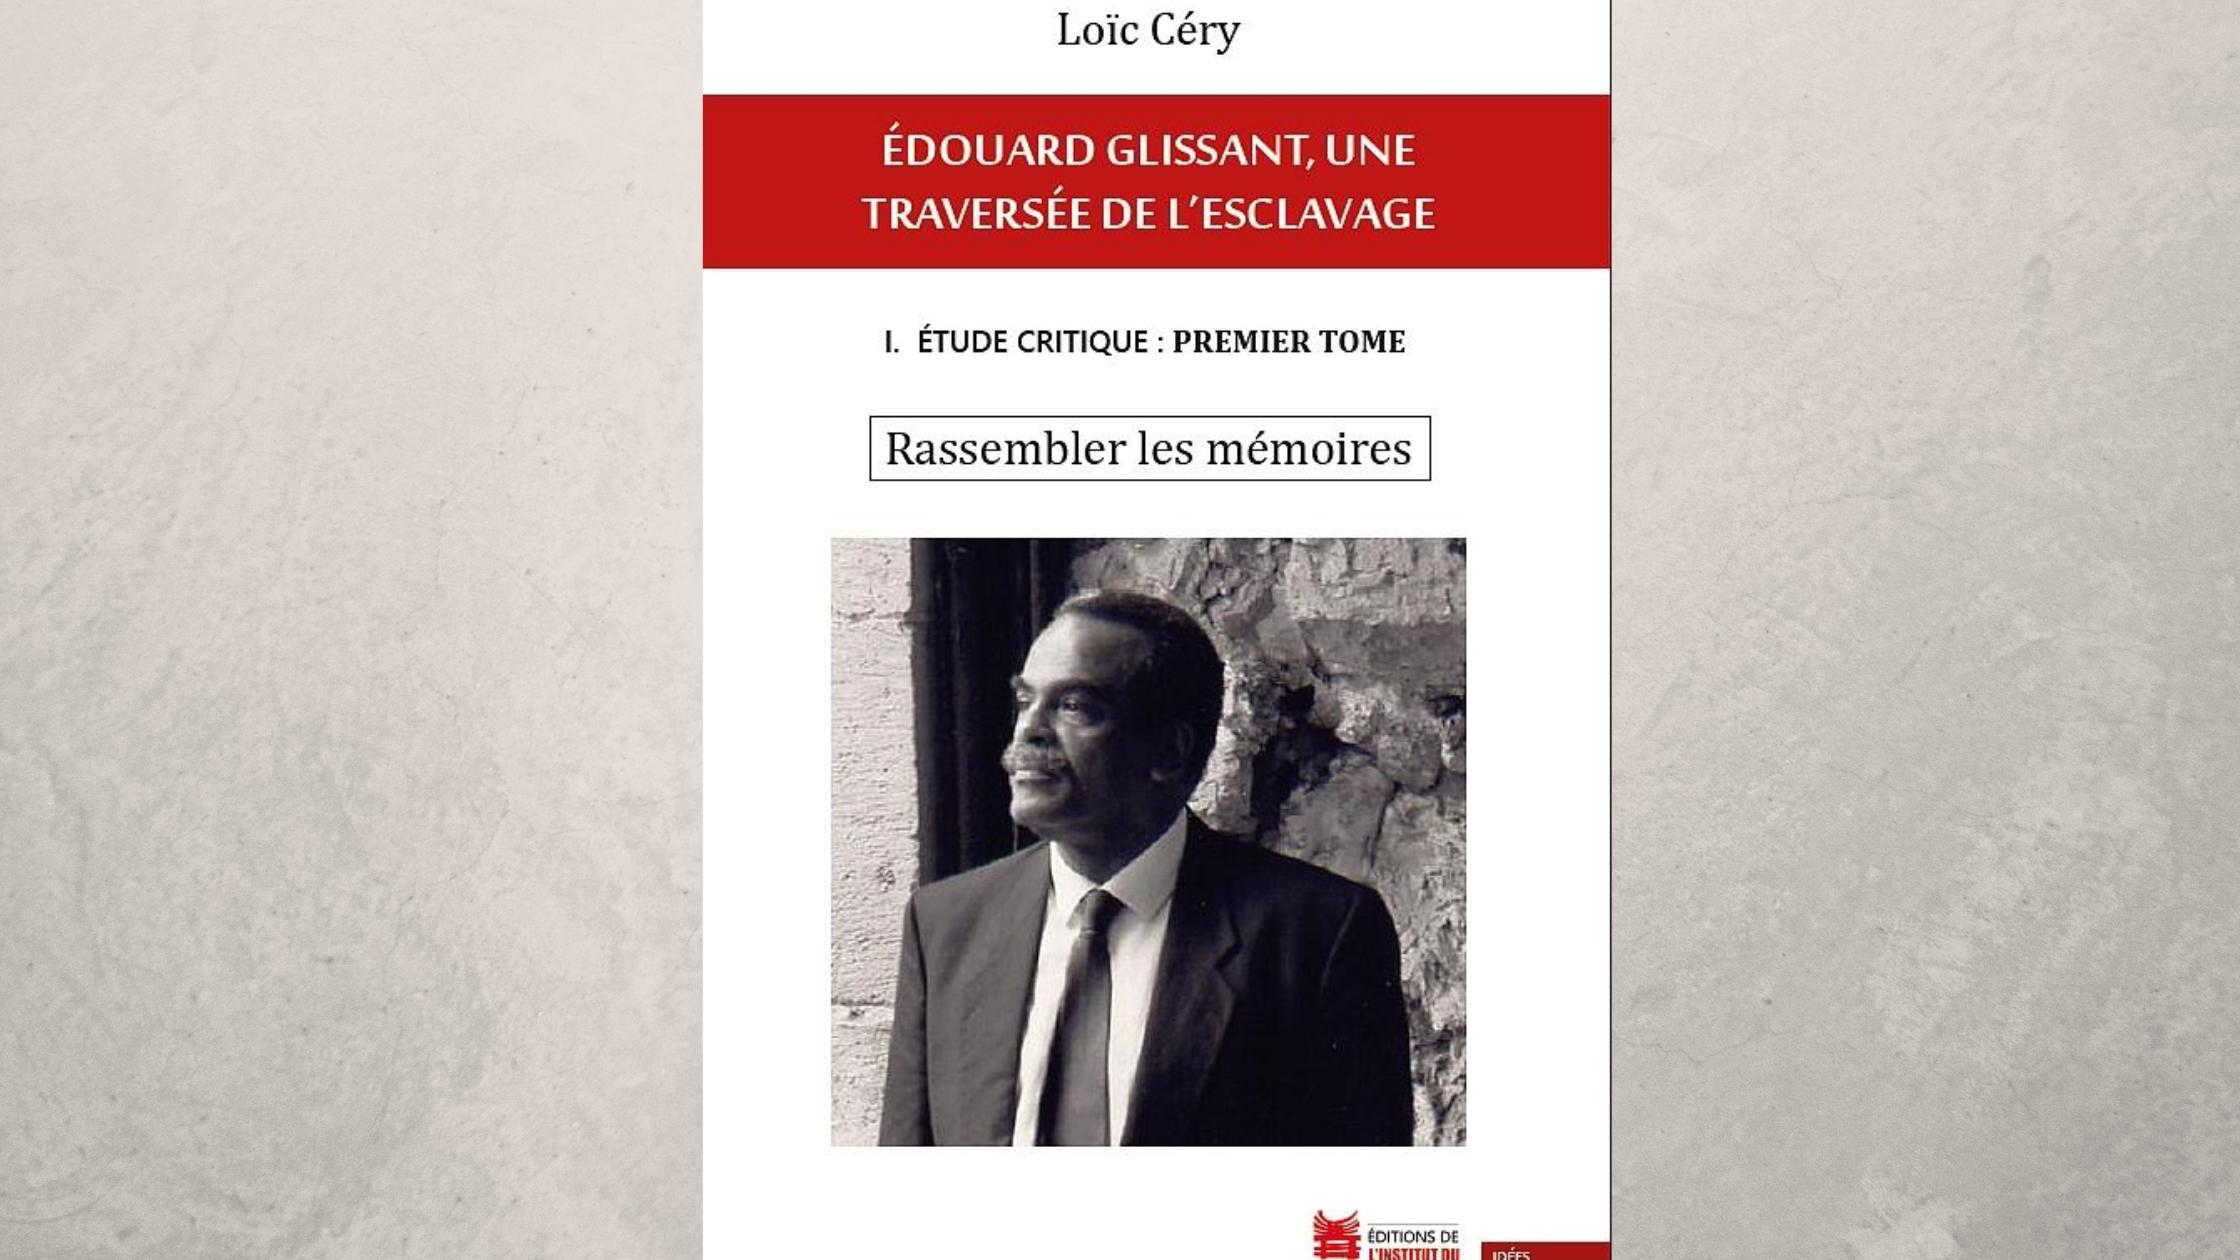 Edouard Glissant, Une traversée de l'esclavage : Quand le directeur du CIEEG, Loïc Céry s'emploie à montrer la force visionnaire de Glissant sur les questions liées à l'histoire de l'esclavage et ses mémoires (1/2)